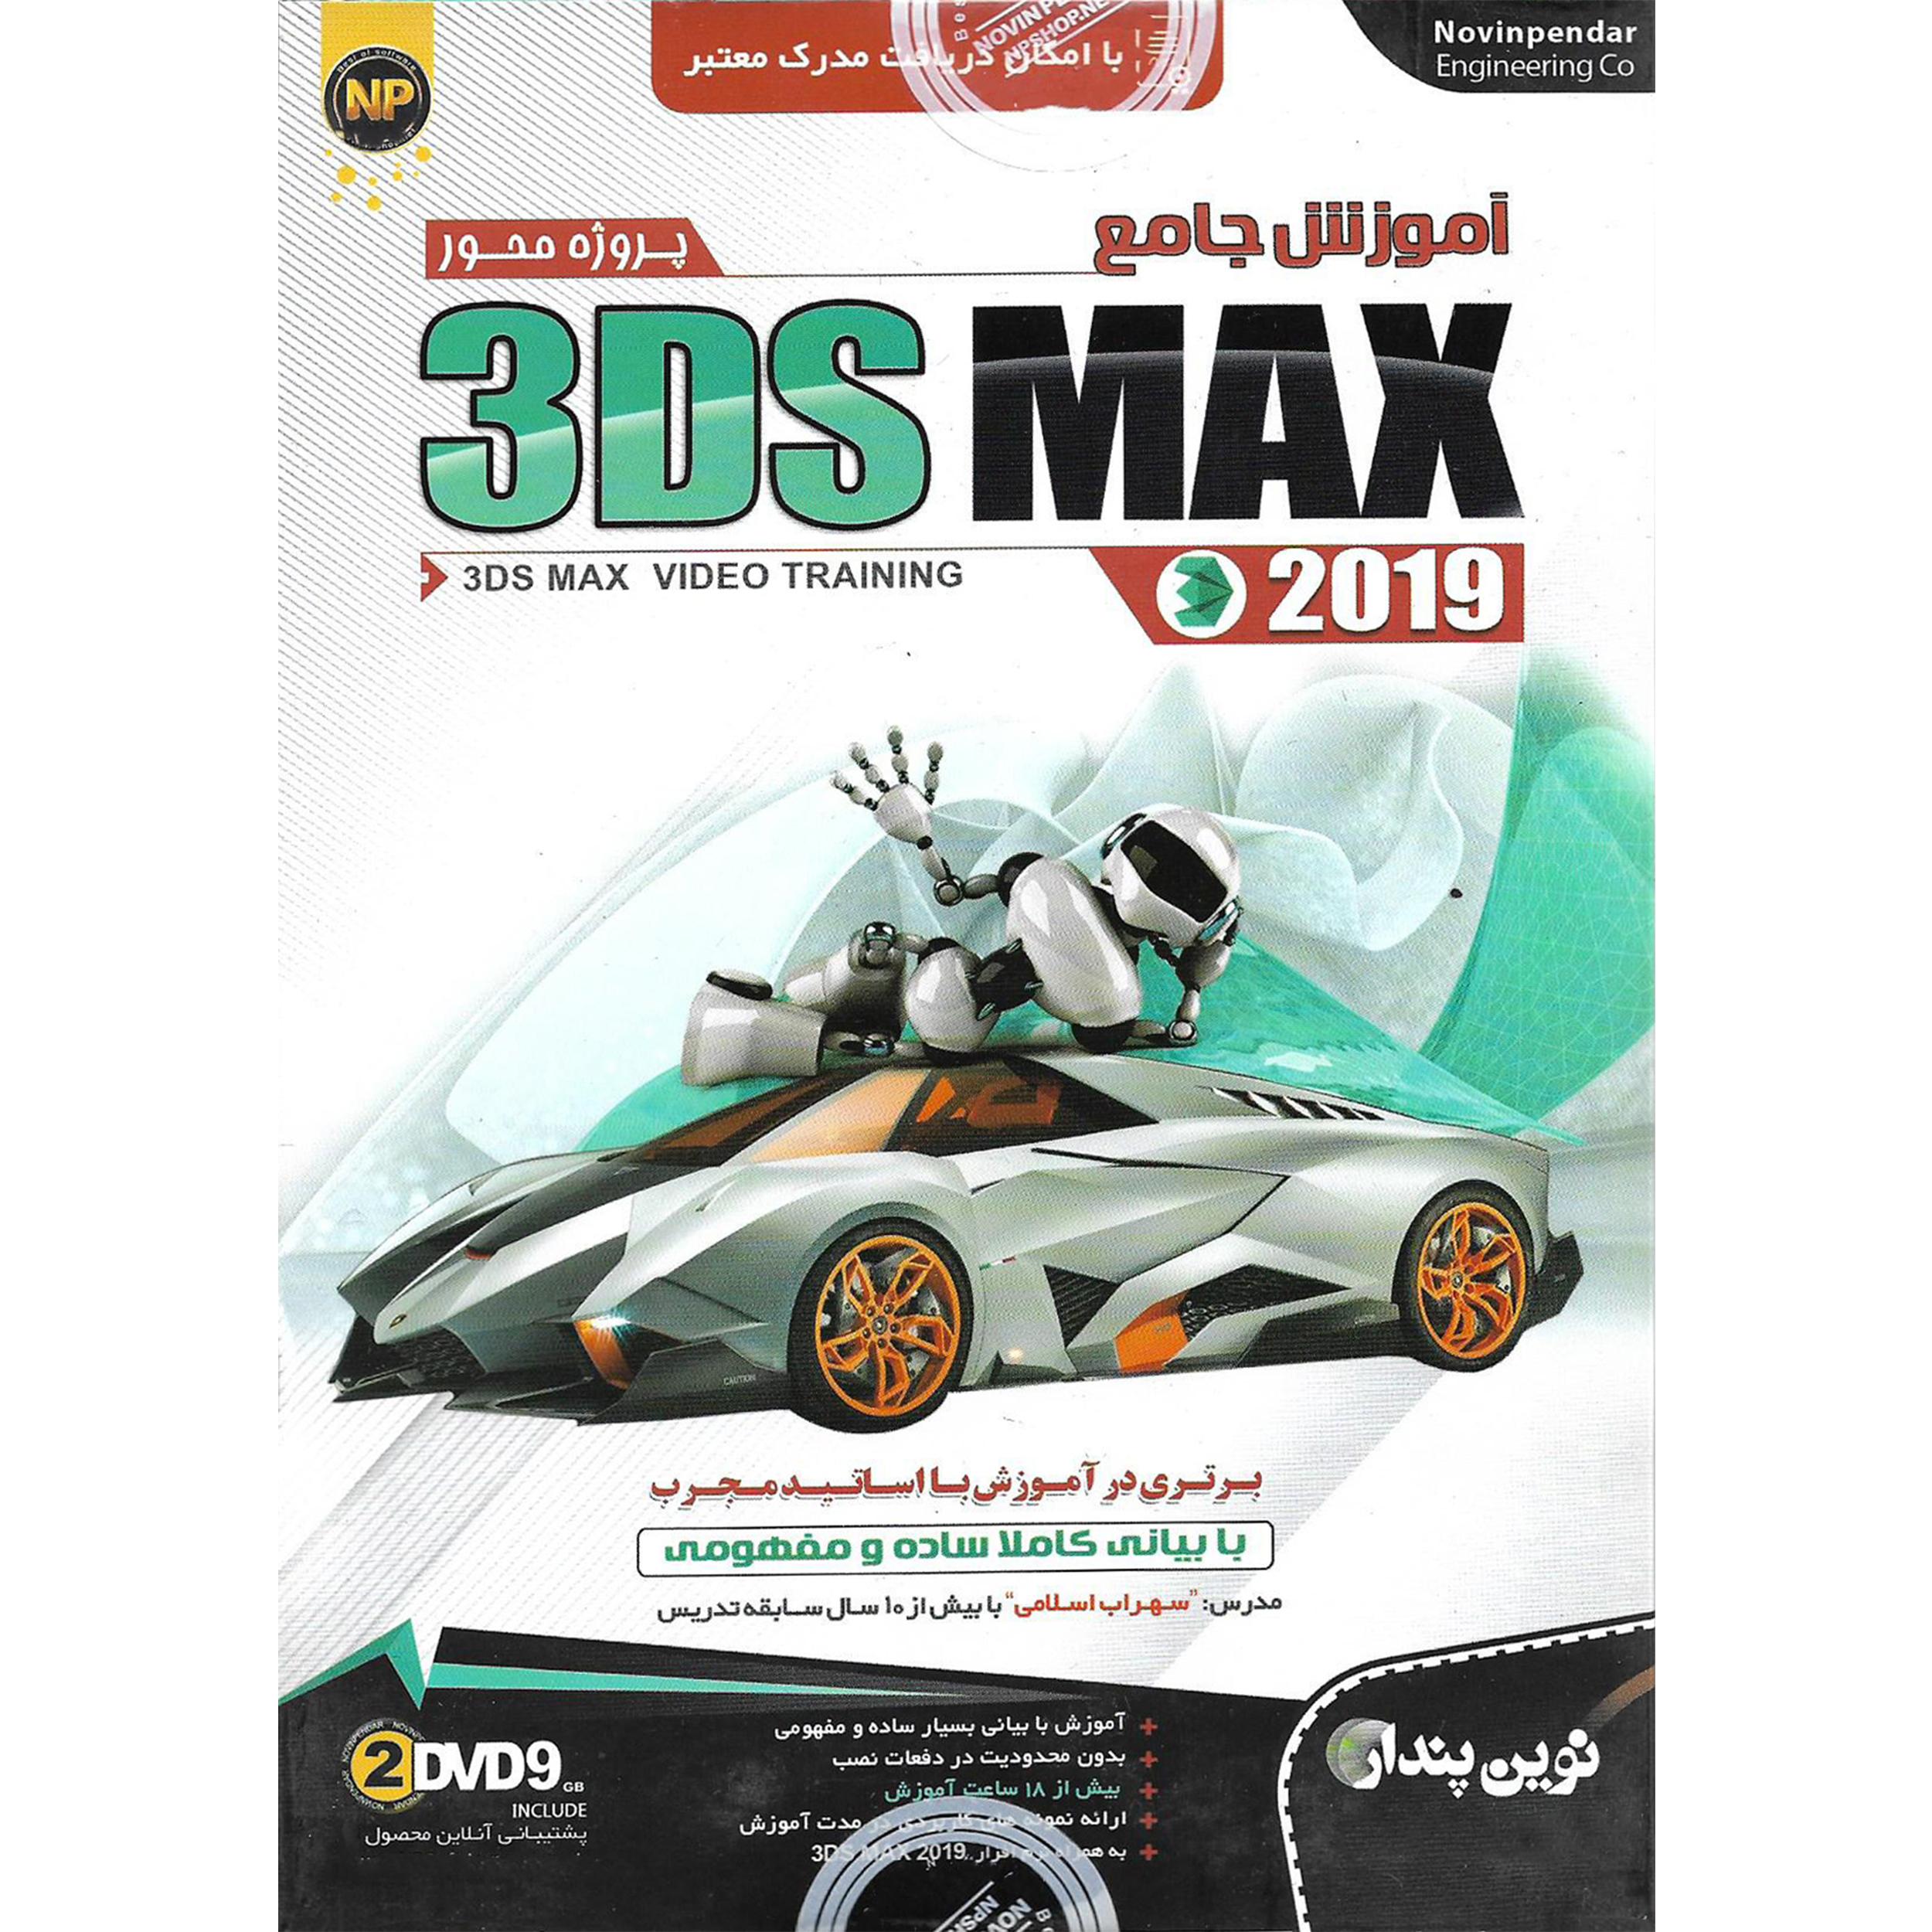 نرم افزار آموزش جامع پروژه محور 3DS MAX 2019 نشر نوین پندار